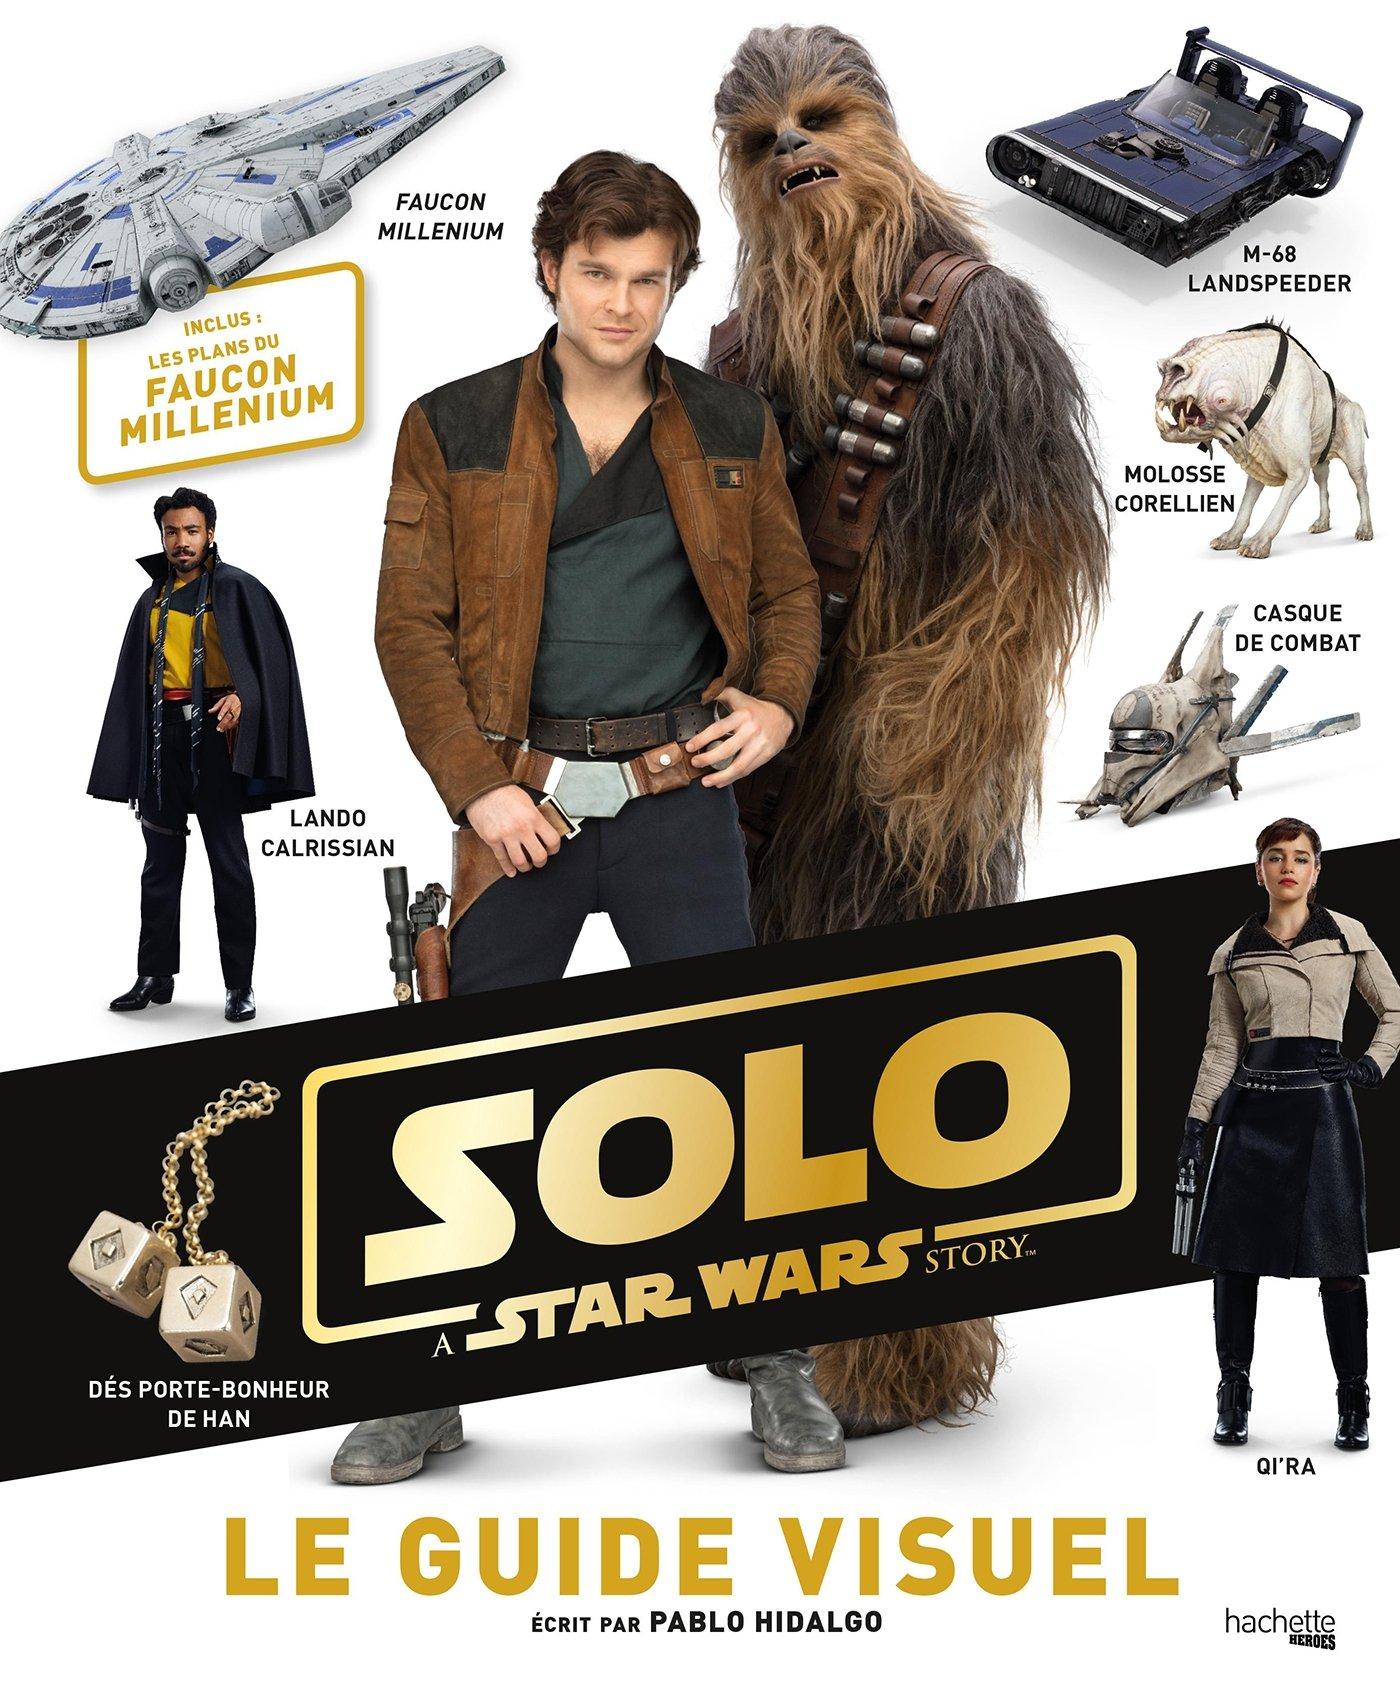 Star Wars : Solo : Le Guide Visuel